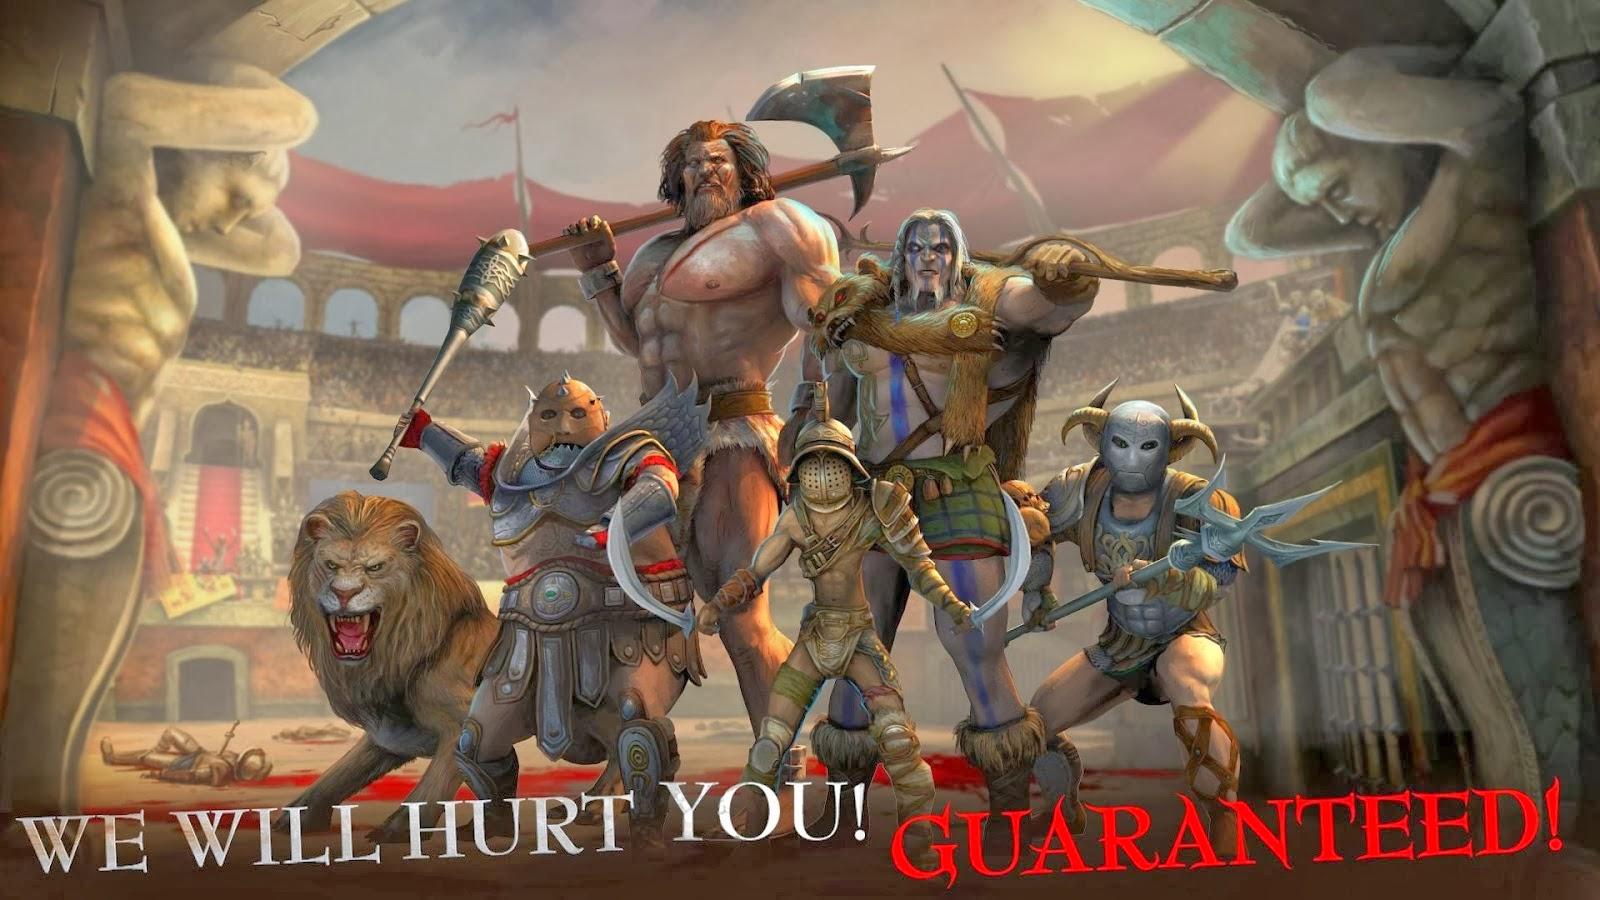 I, Gladiator v1.2.1.19825